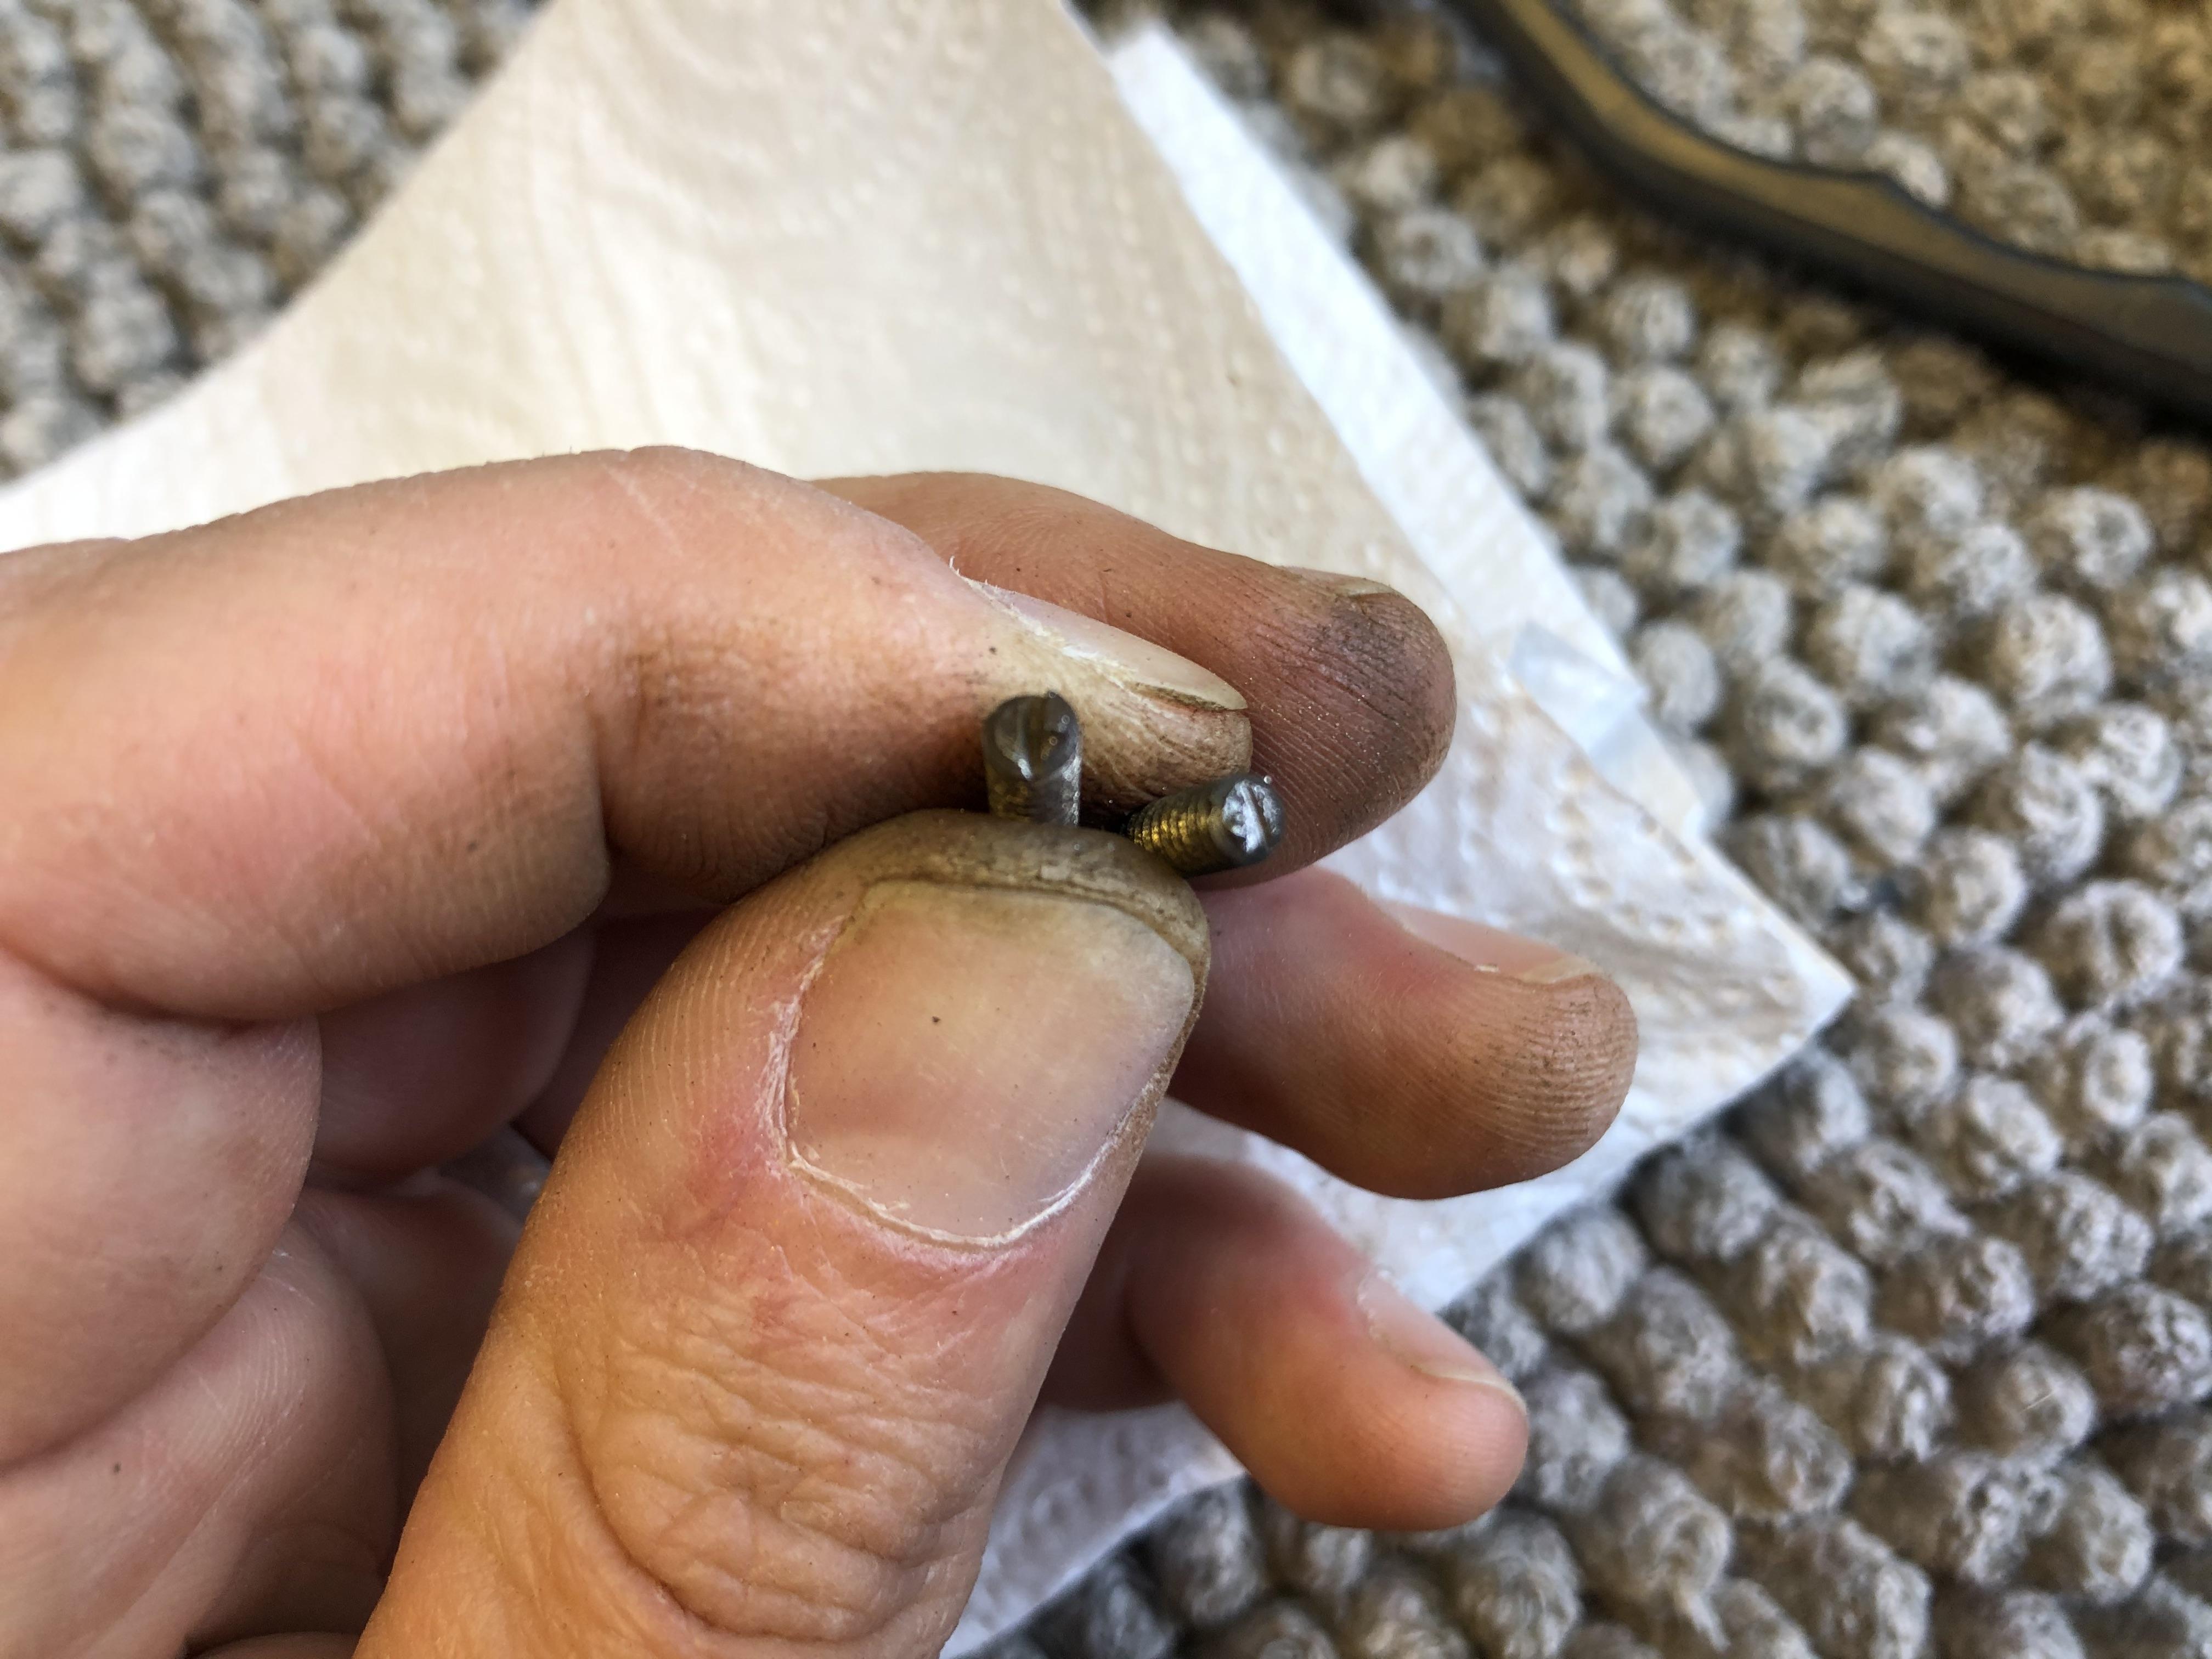 Broken/worn screws